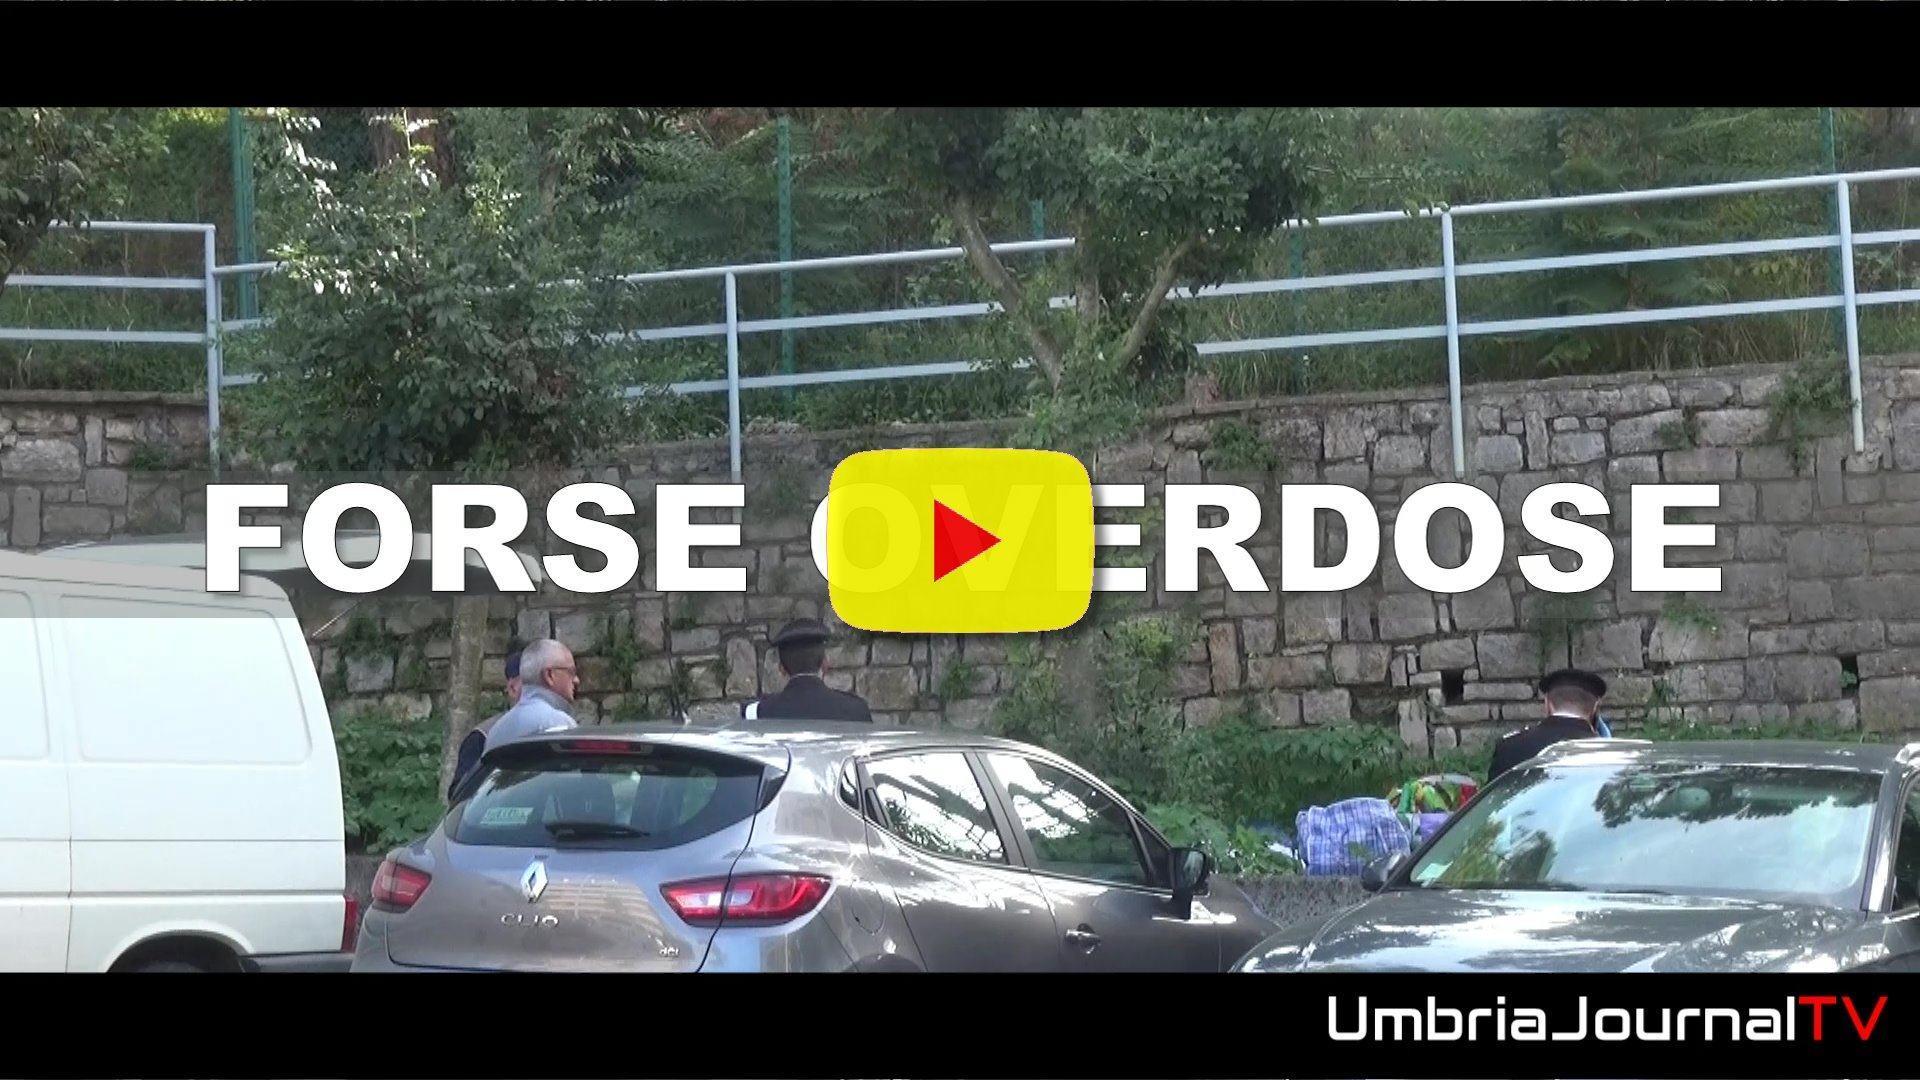 Rinvenuto cadavere di una donna a Fontivegge di Perugia, forse è orvedose VIDEO